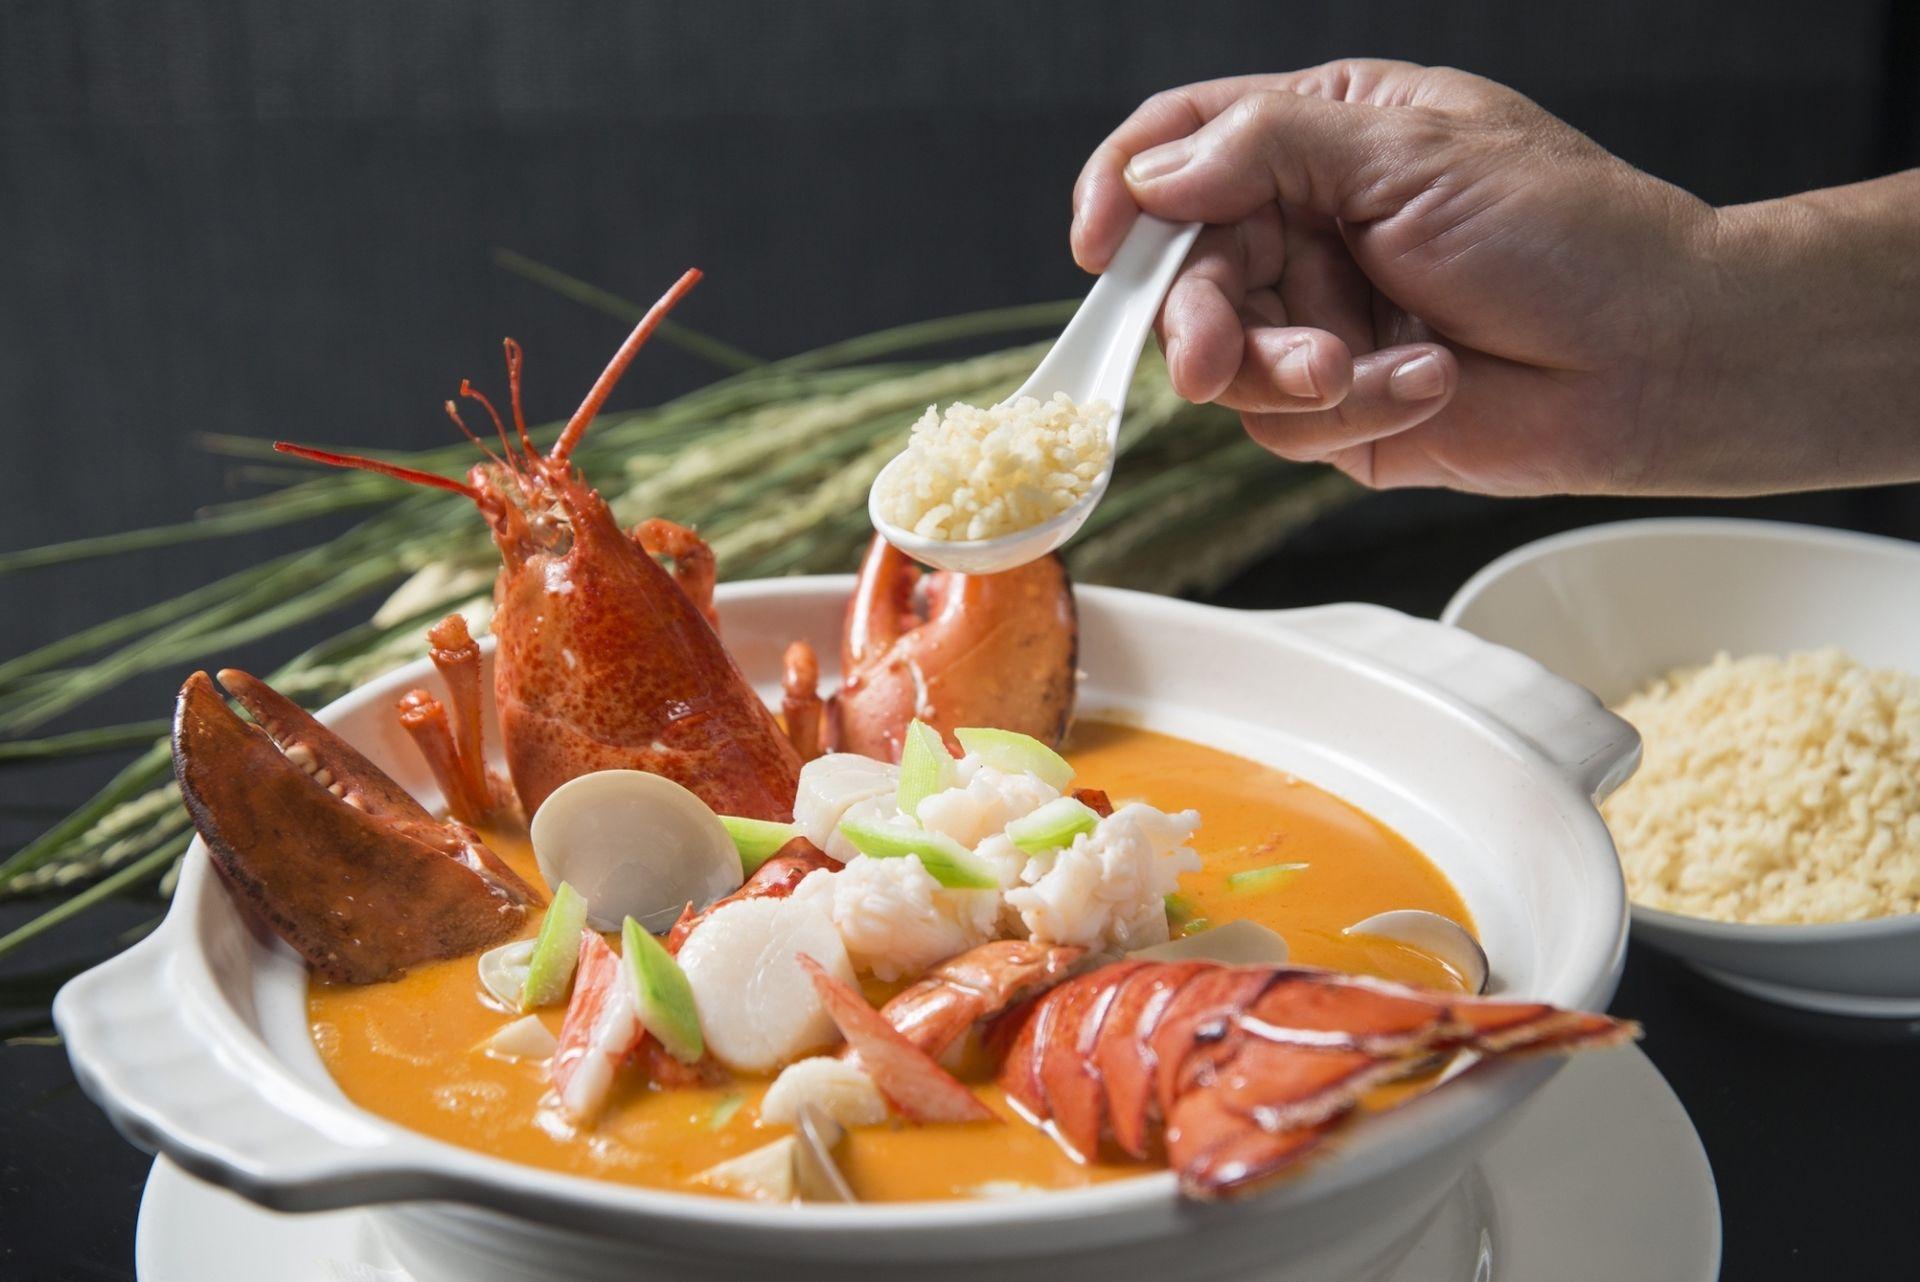 龍蝦海鮮湯泡飯